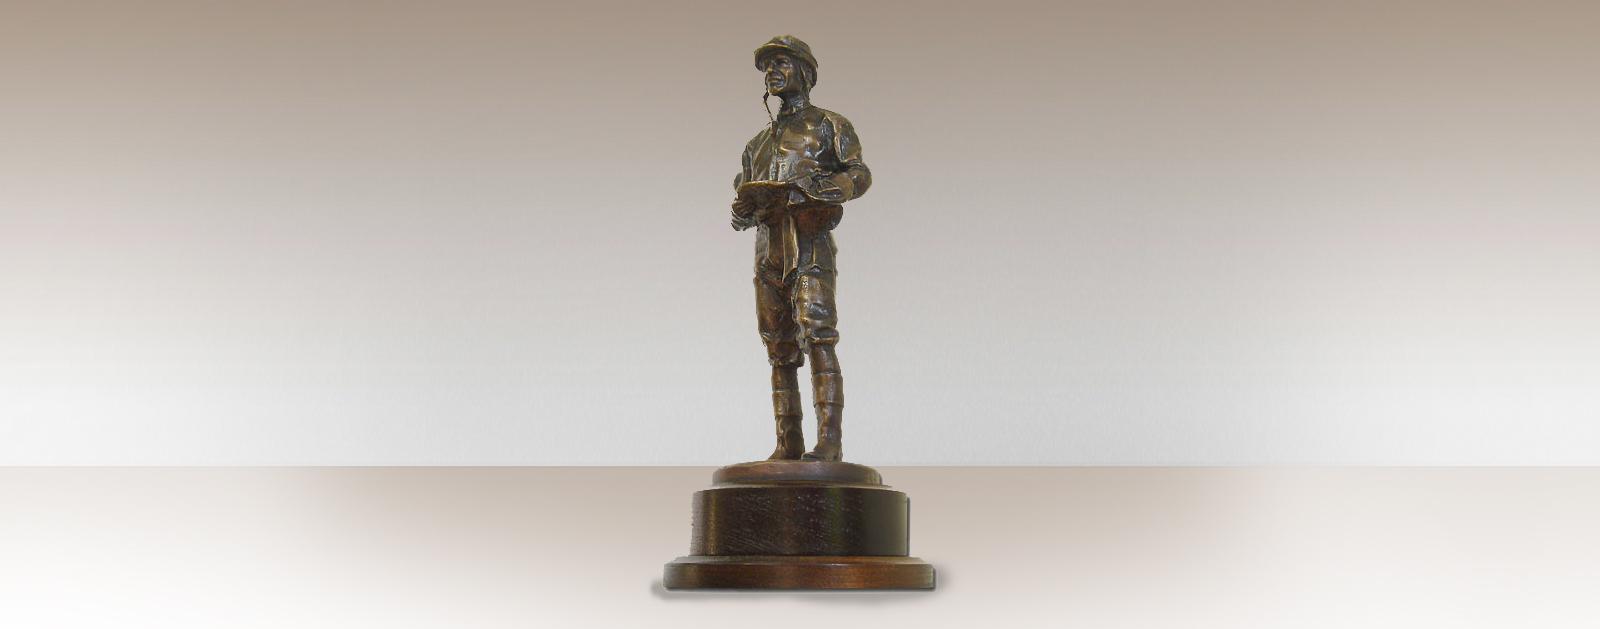 pincay-bronze-horse-sculpture